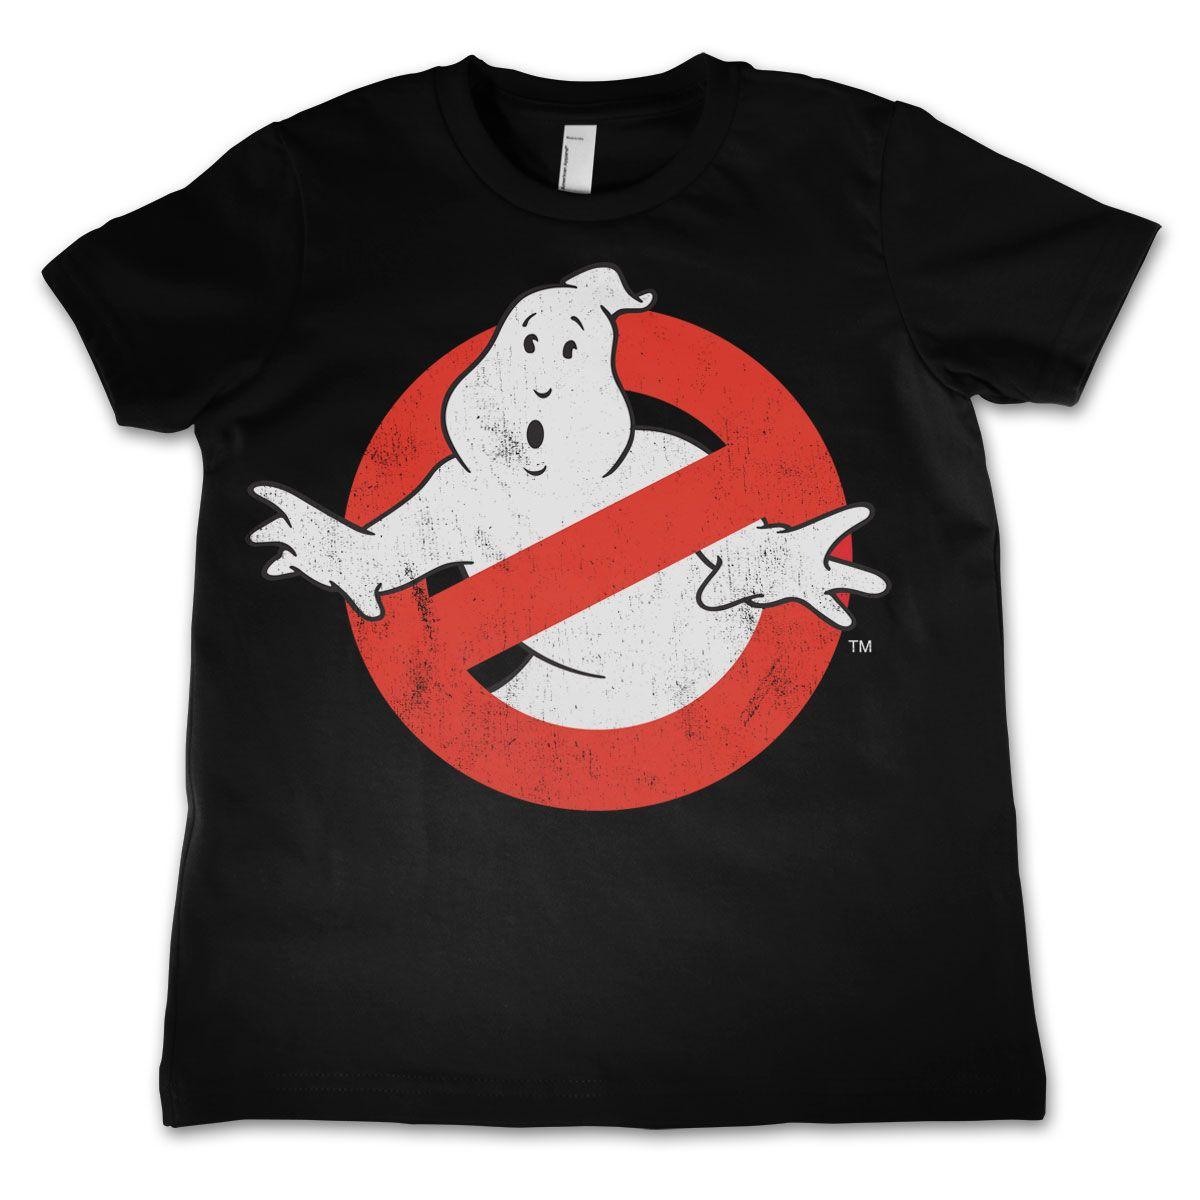 Ghostbusters dětské tričko s potiskem Logo